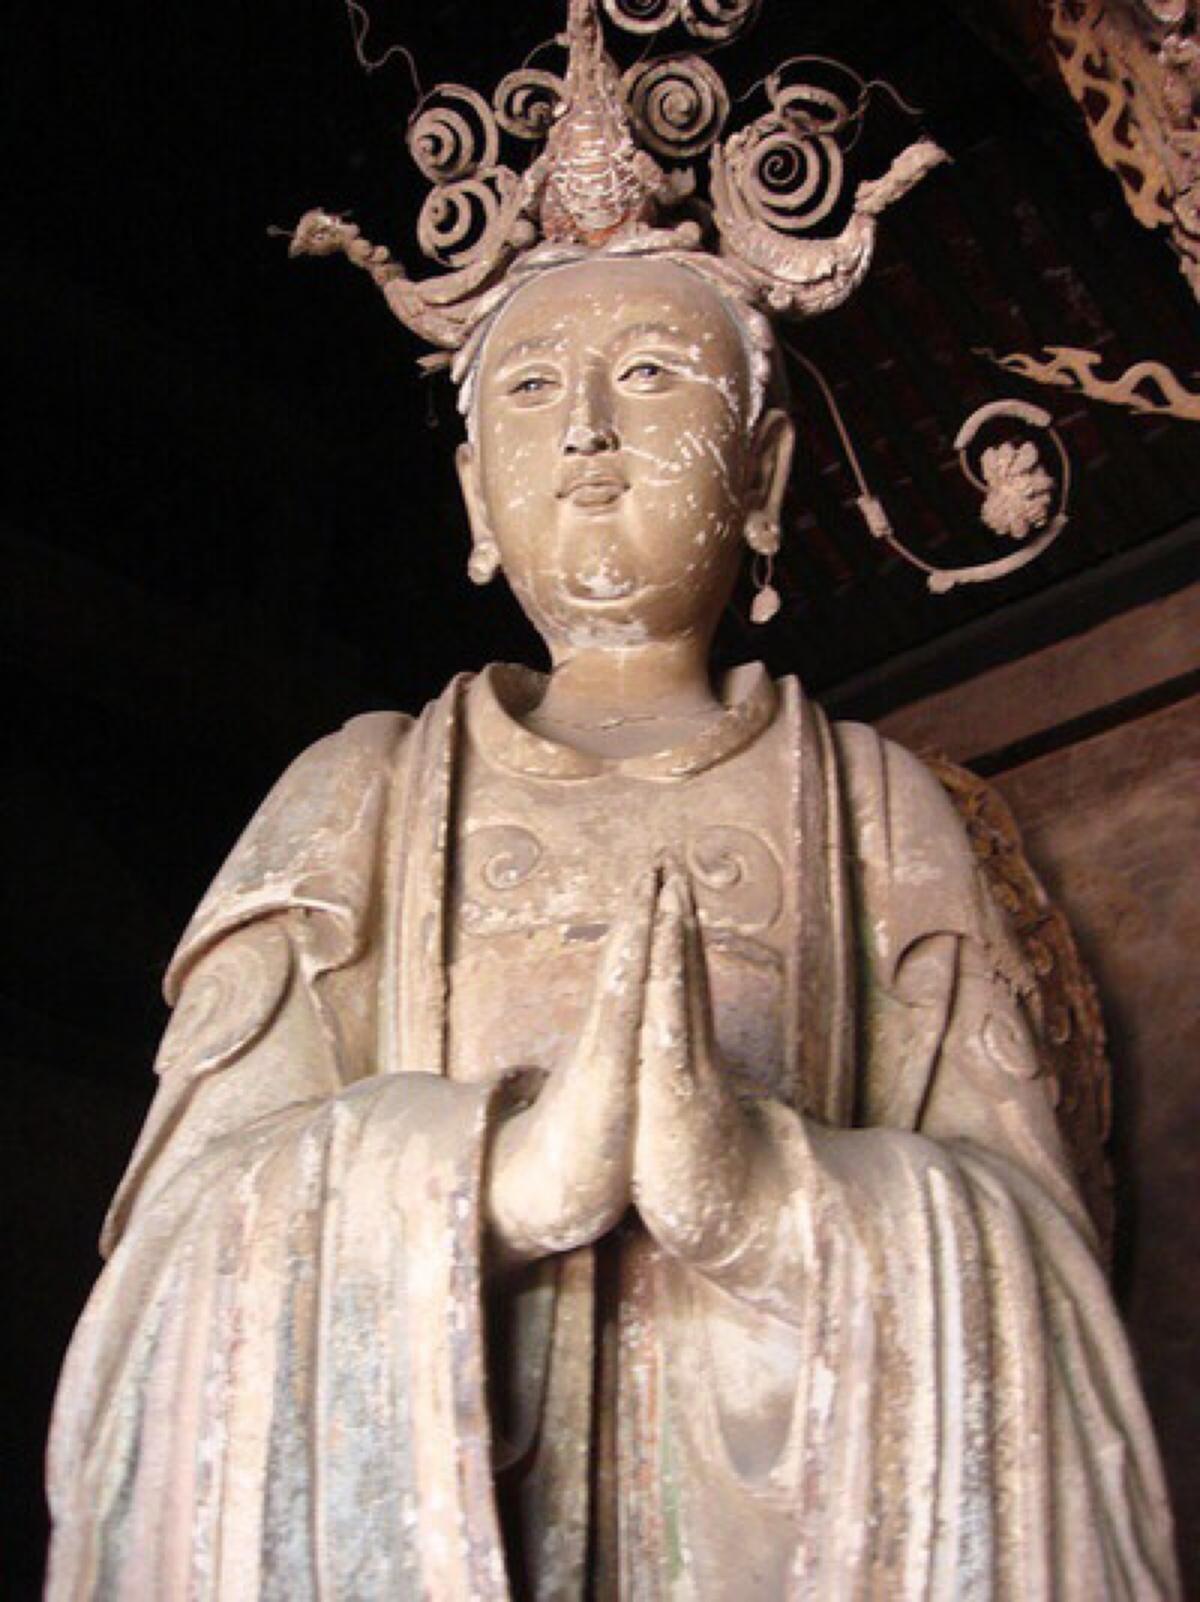 Millennium sculpture